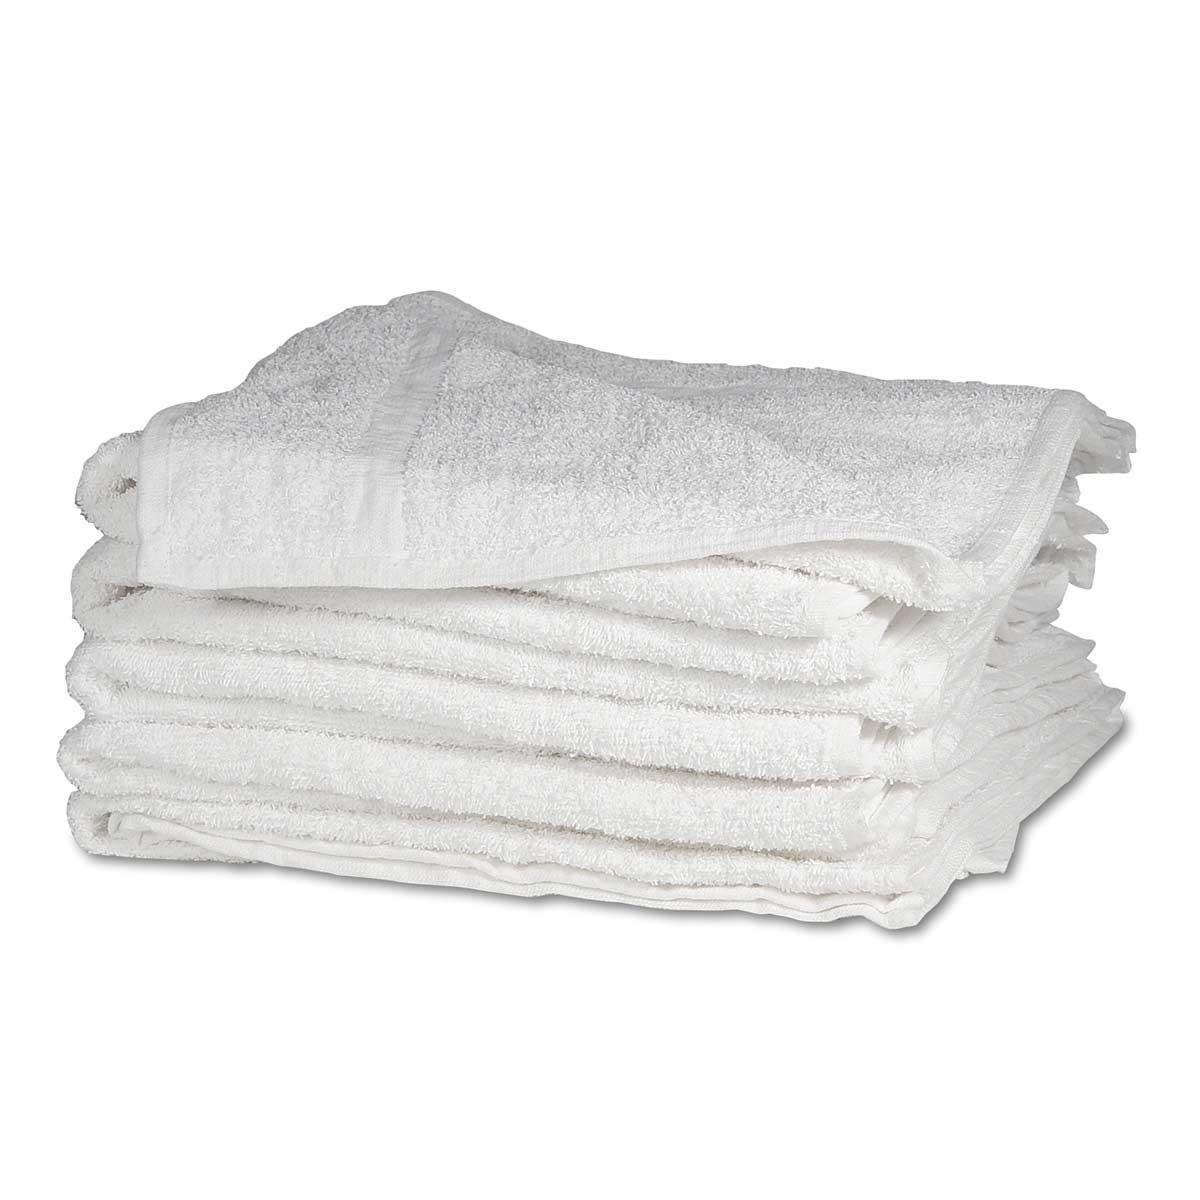 White Groomer Towel - 12 Pack